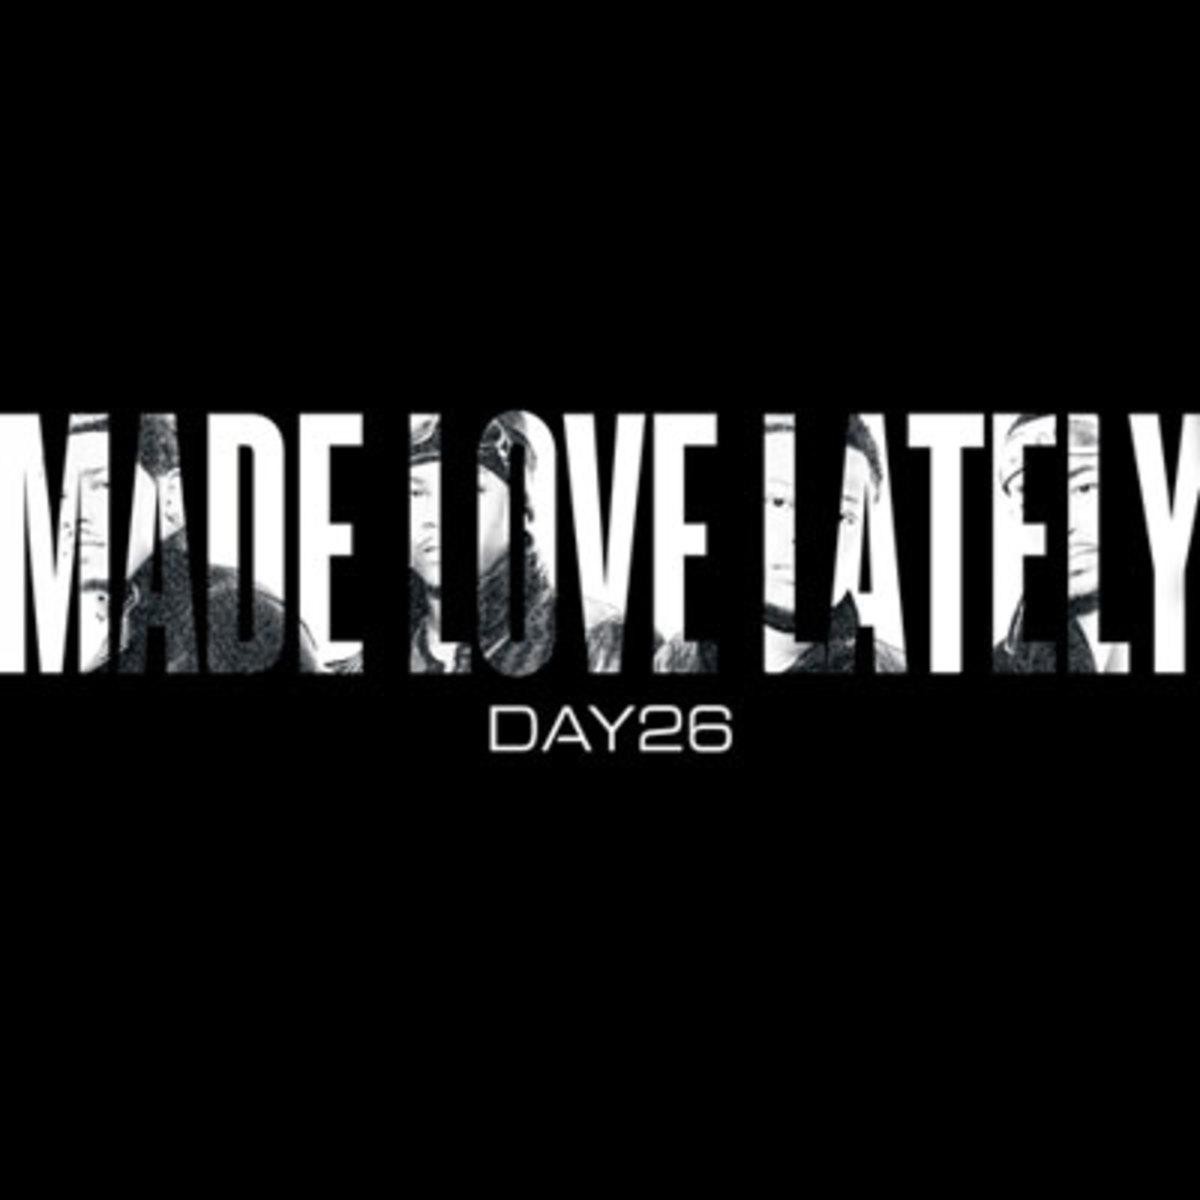 day26-madelovelately.jpg